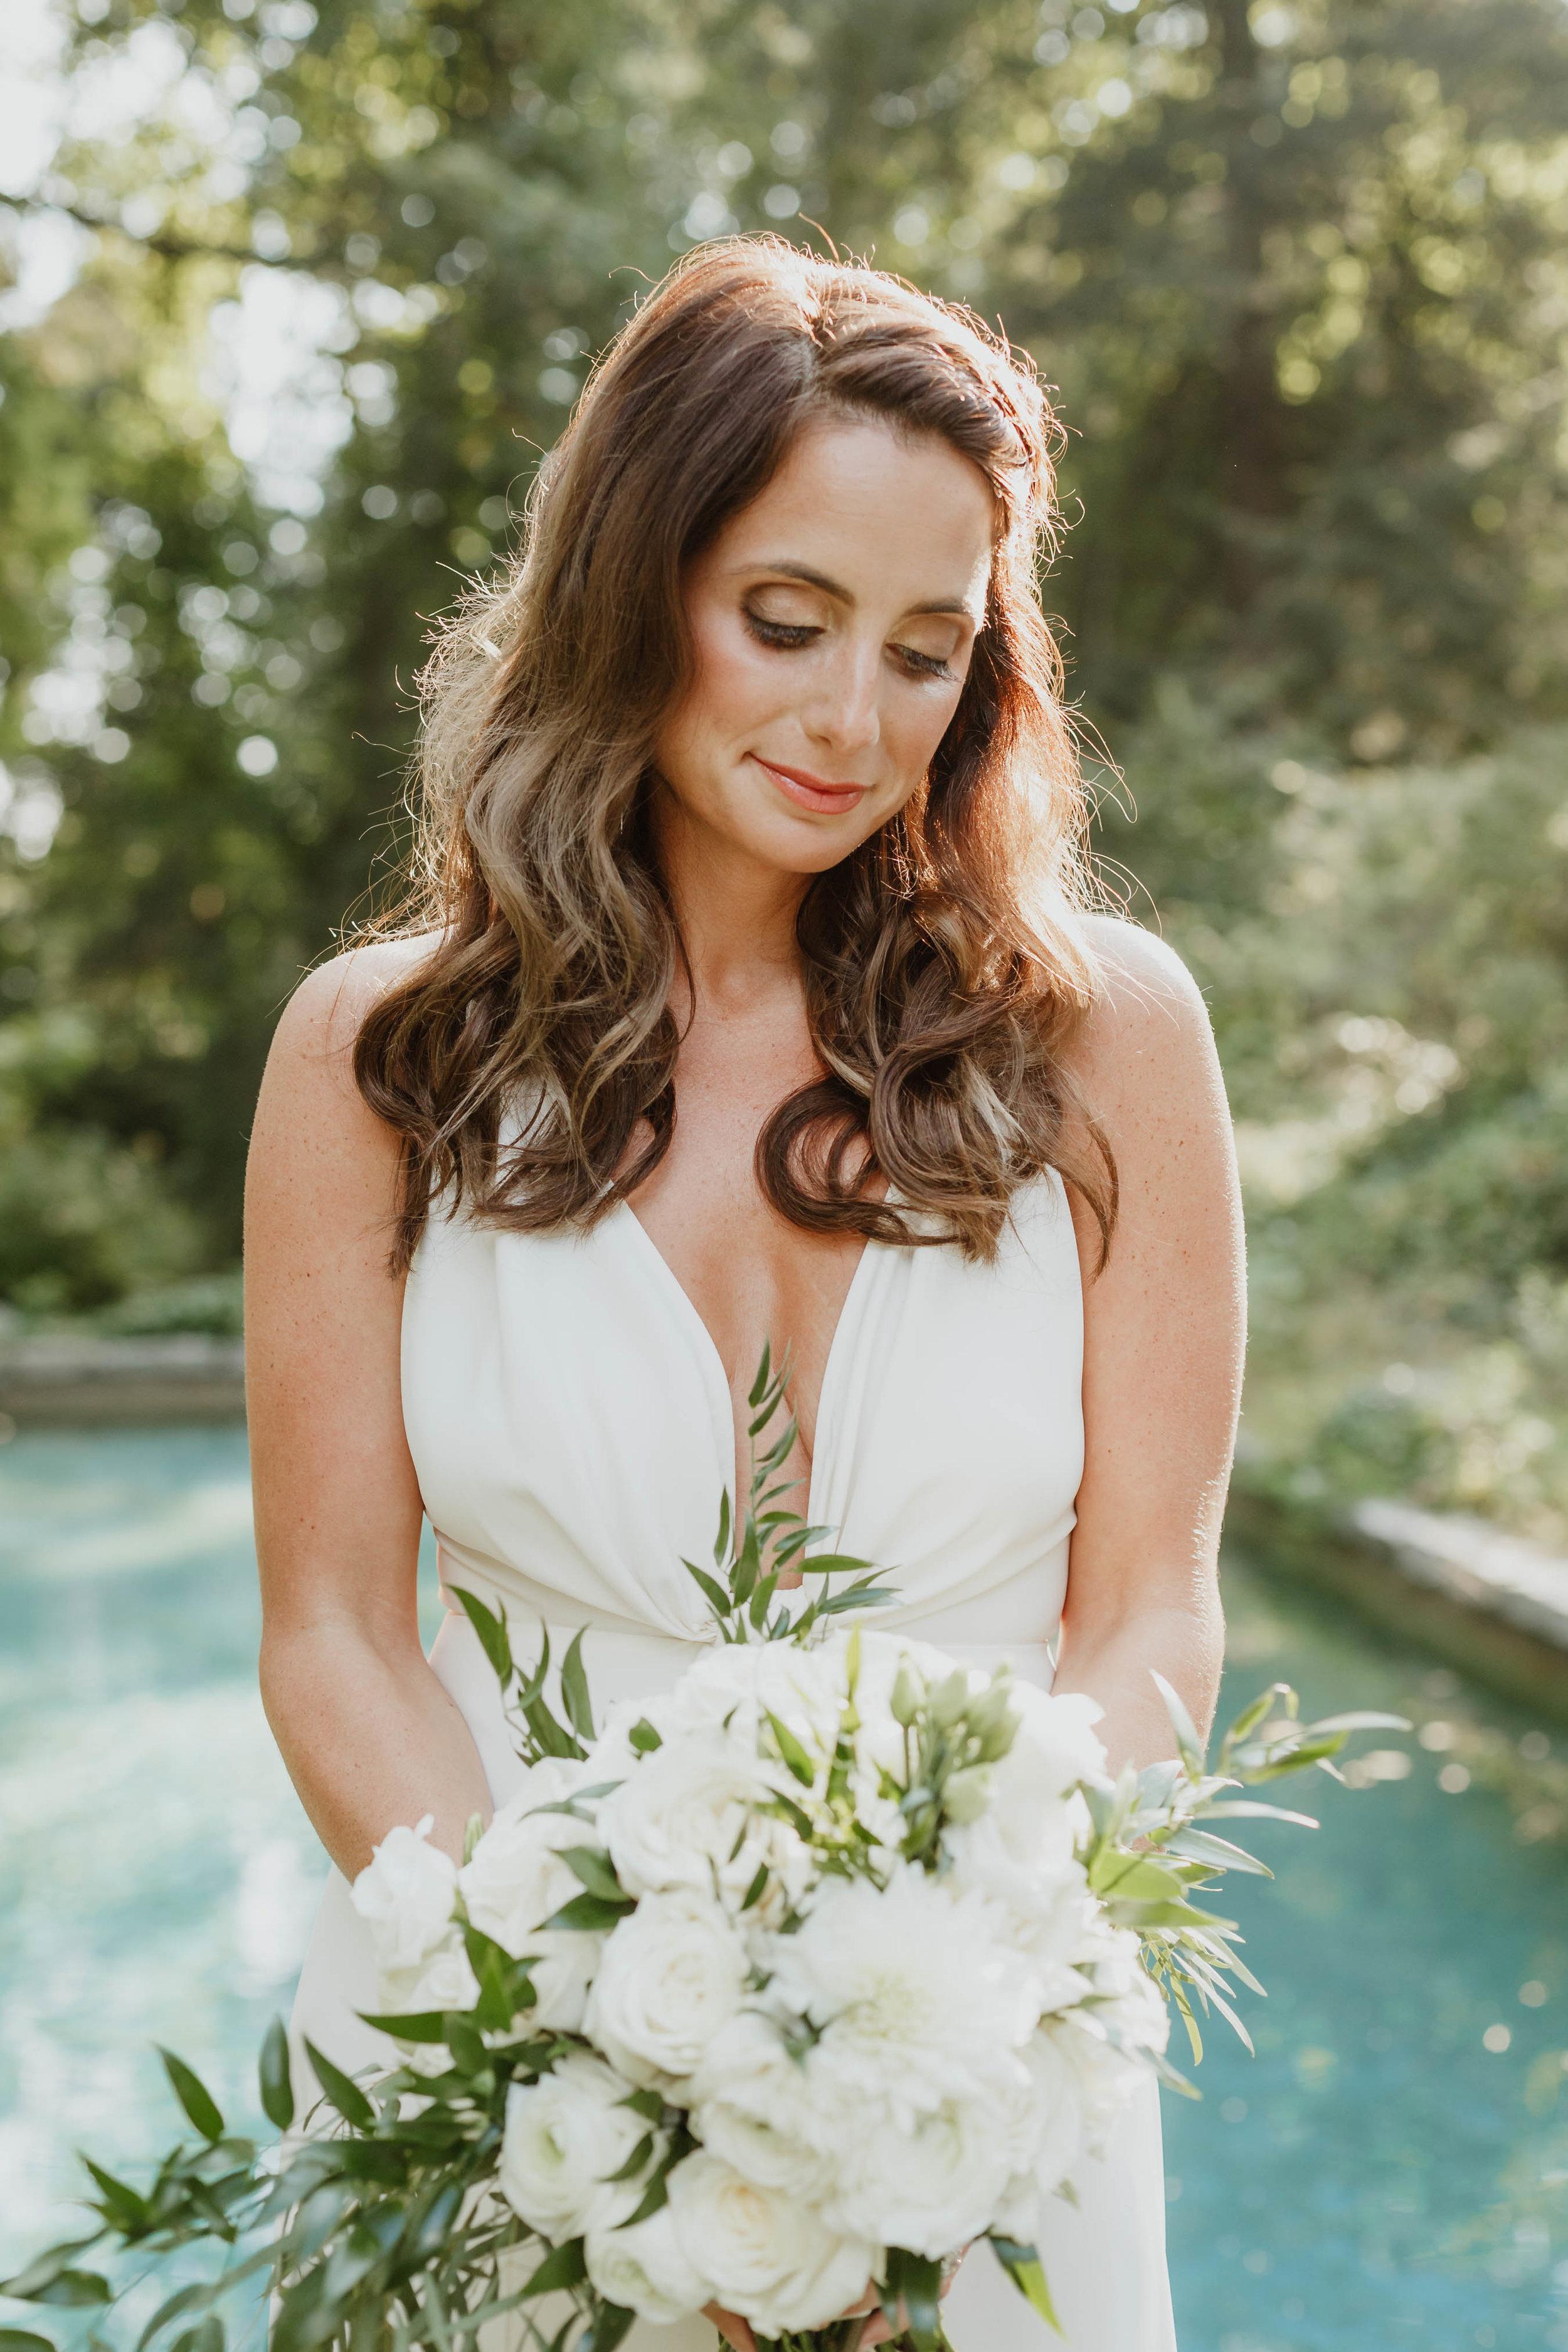 fairfield-county-connecticut-backyard-wedding-photographer--41.jpg